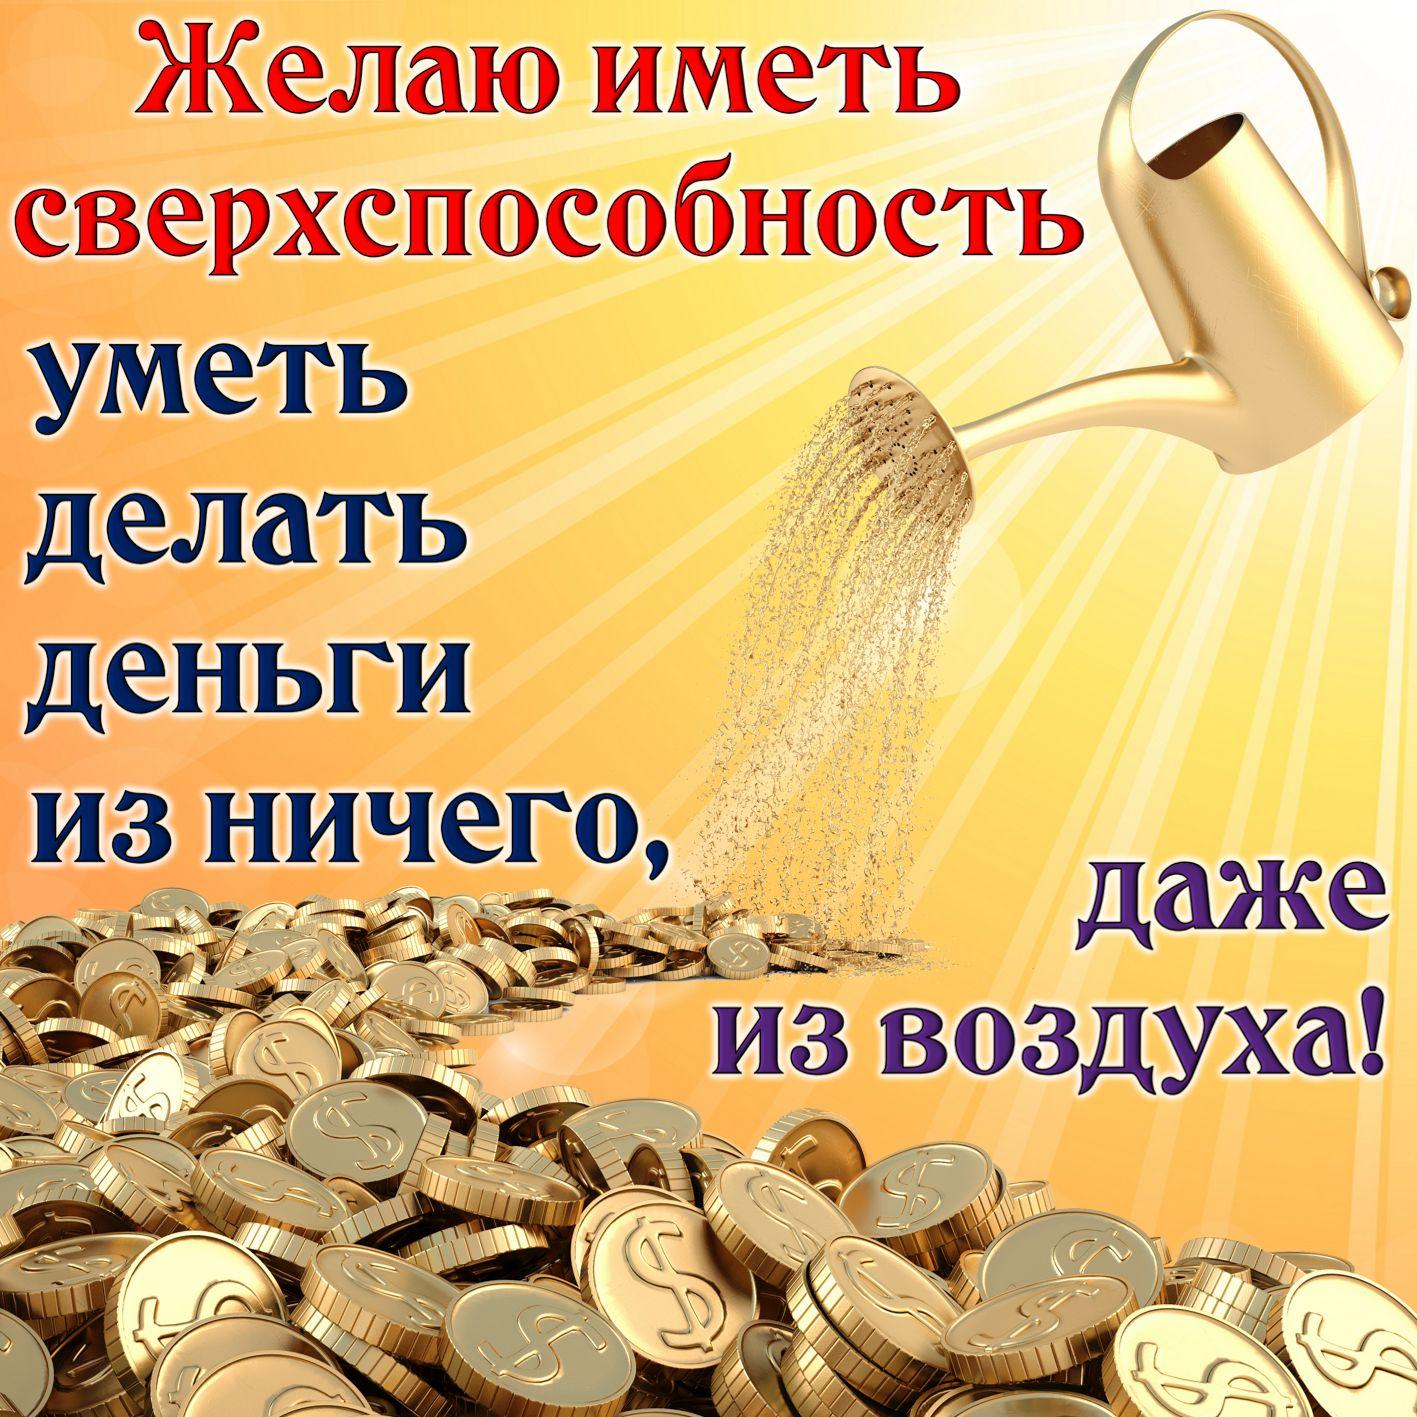 Открытки с деньгами надписи, картинки